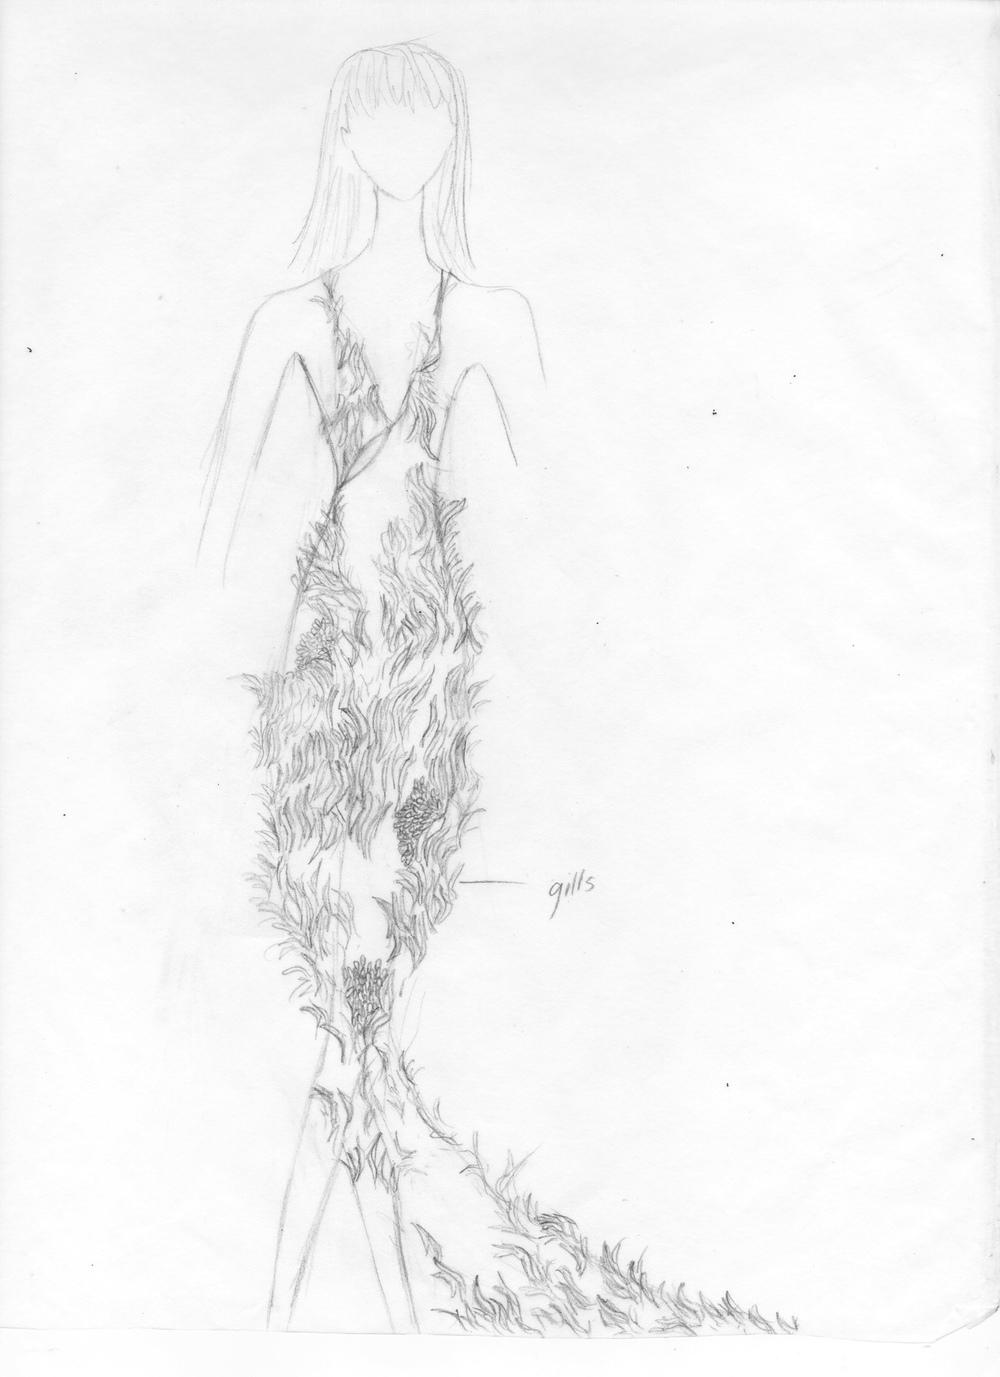 Jazsalyn Mcneil - Process